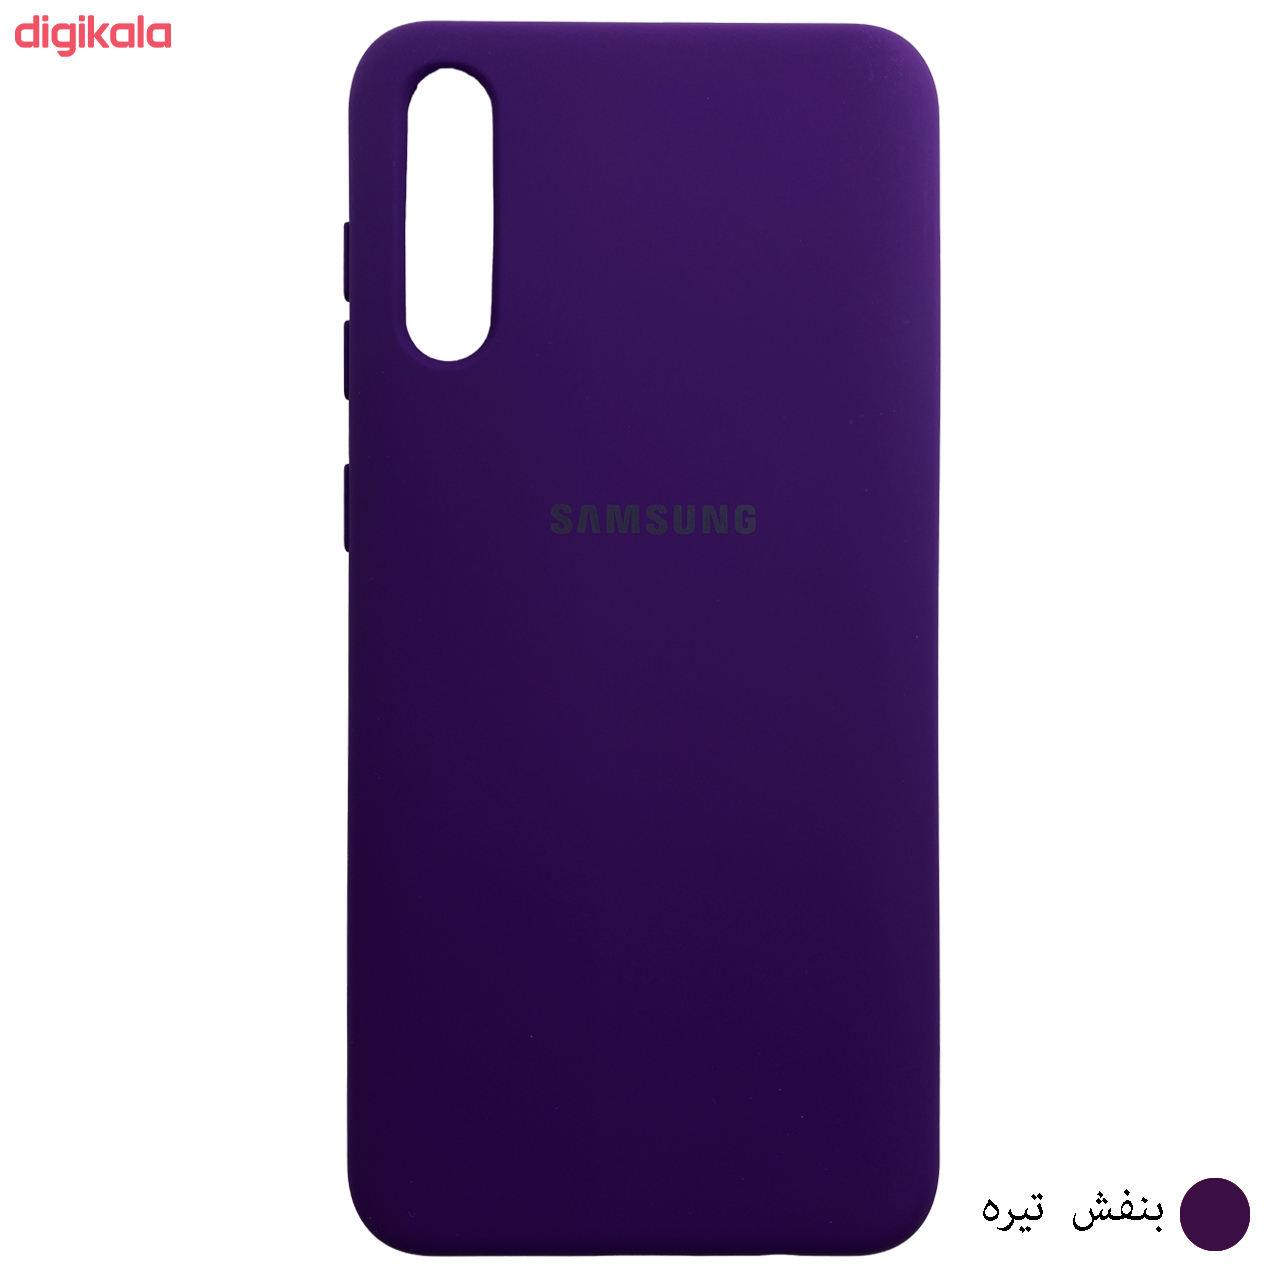 کاور مدل SCN مناسب برای گوشی موبایل سامسونگ Galaxy A50 / A50s / A30s main 1 10